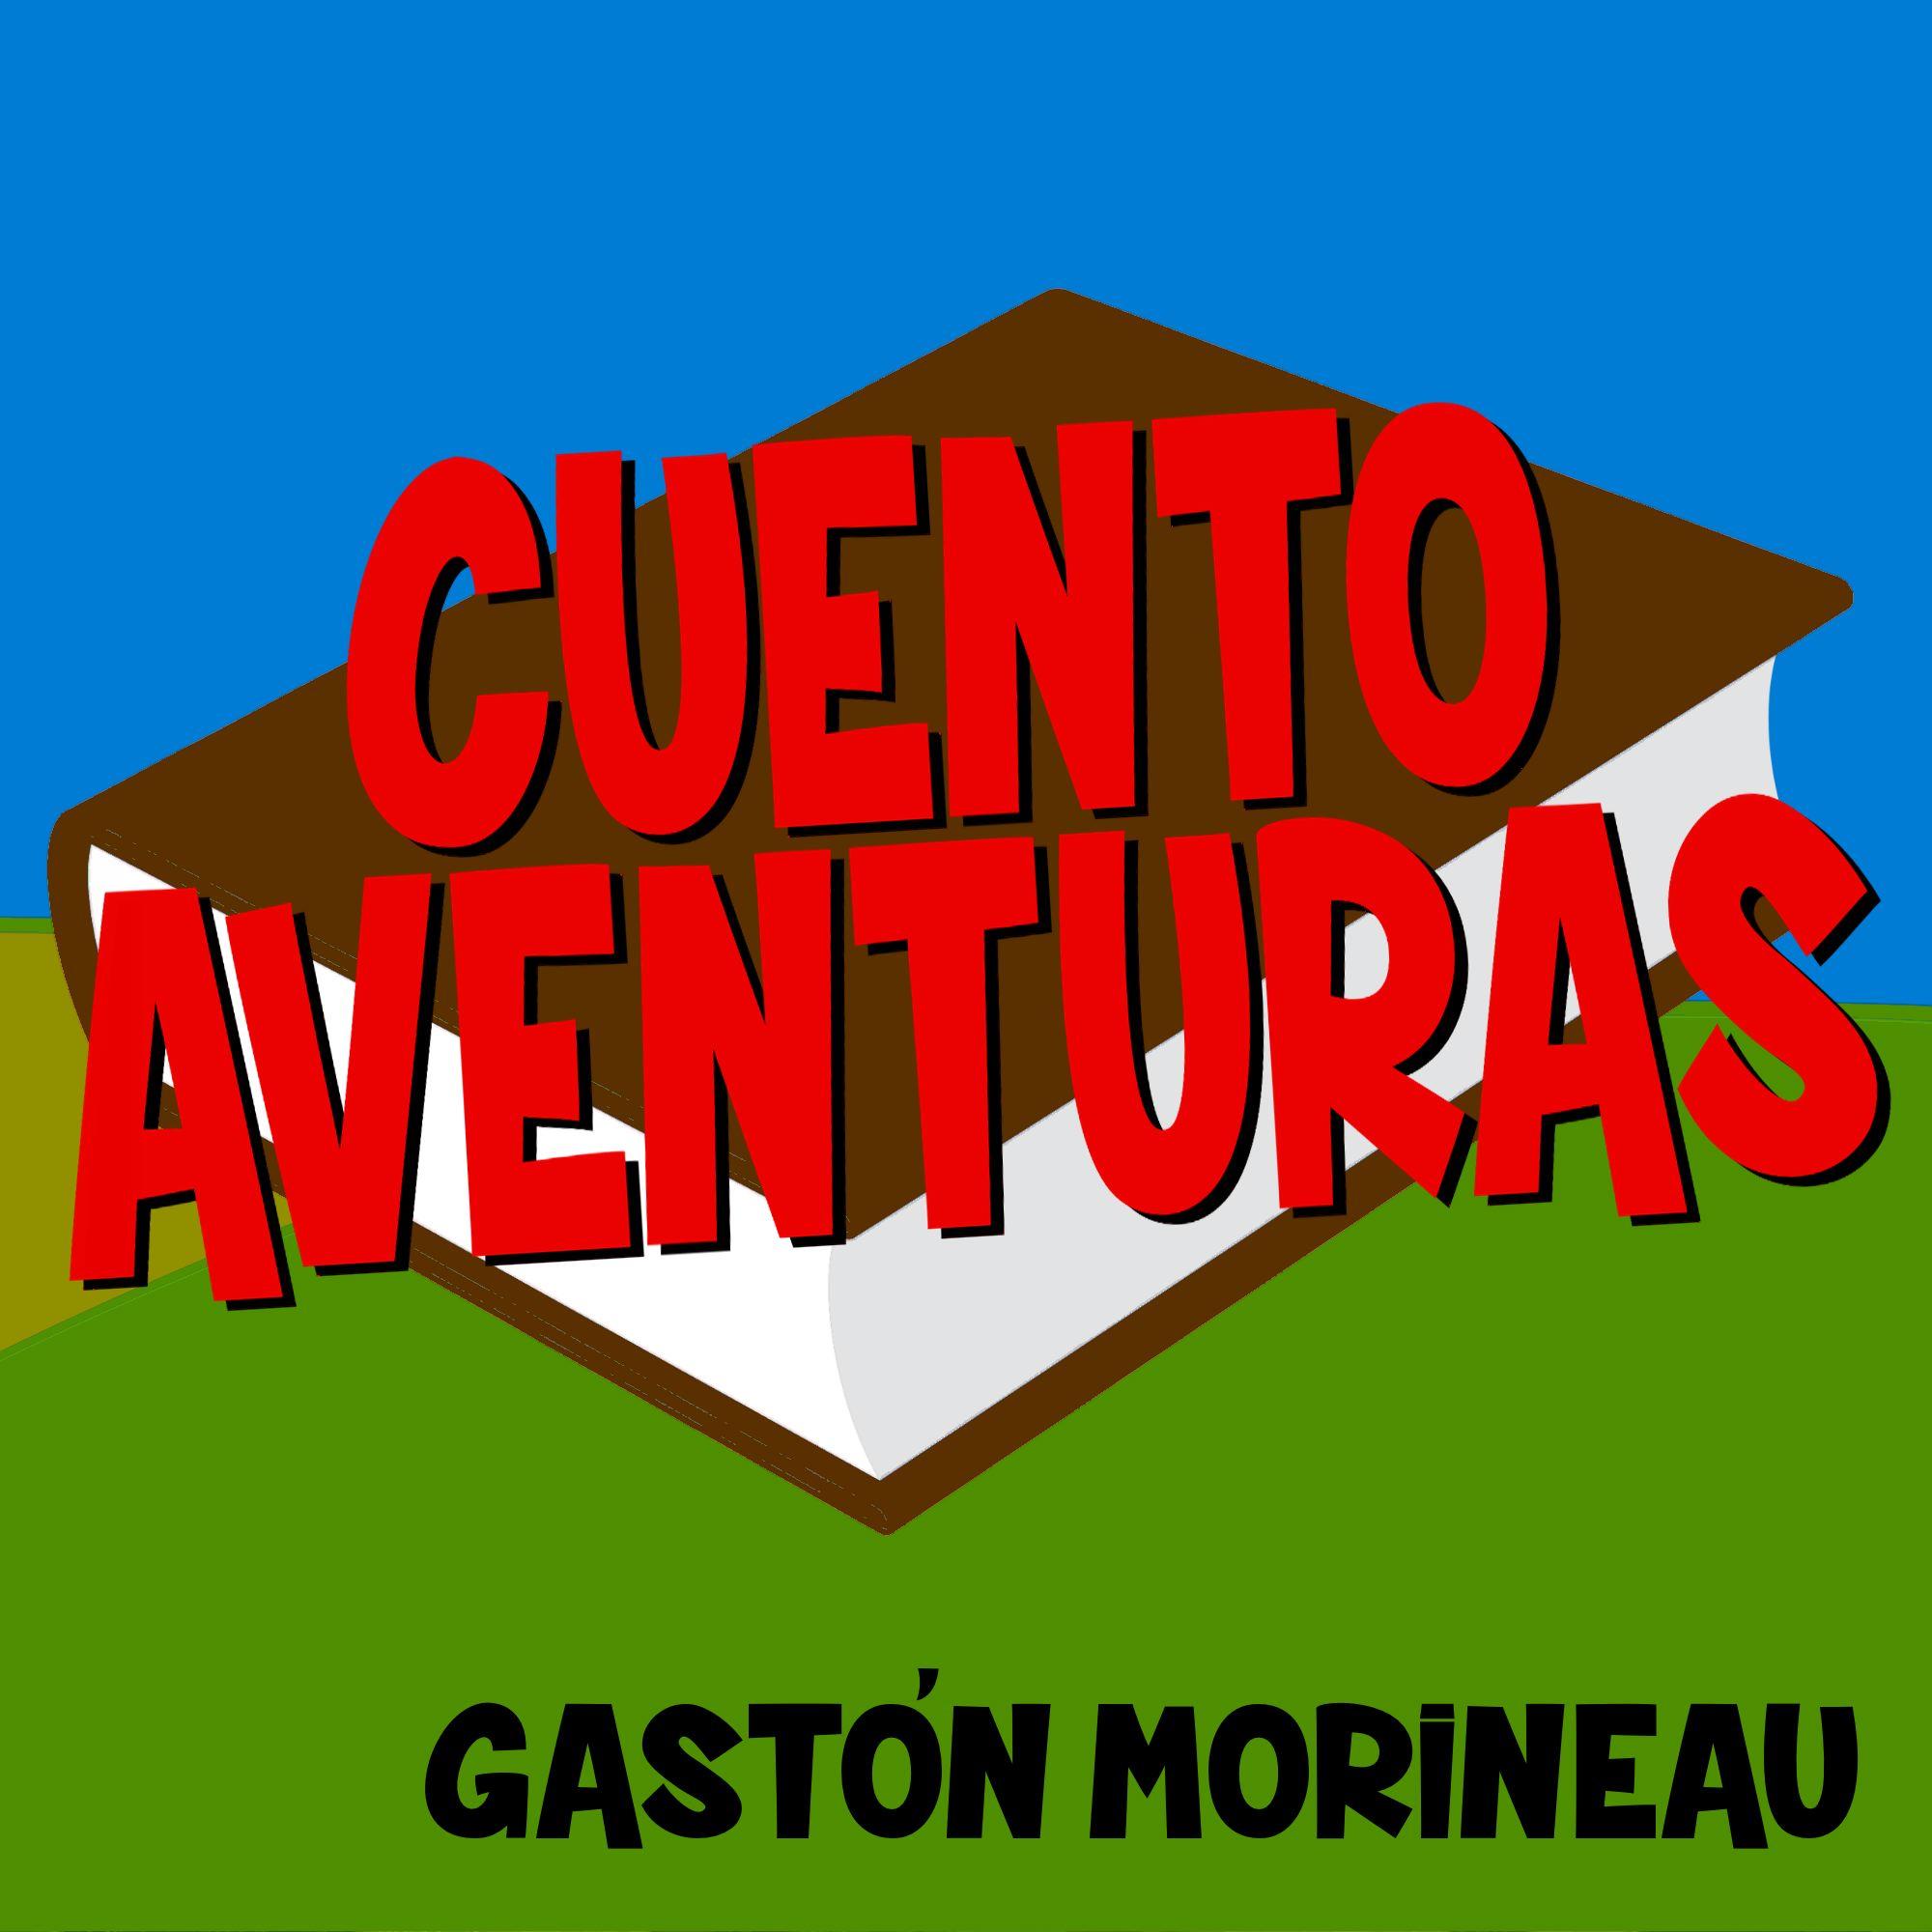 CUENTOAVENTURAS Cuentos, fabulas, chistes y mucho mas! show art